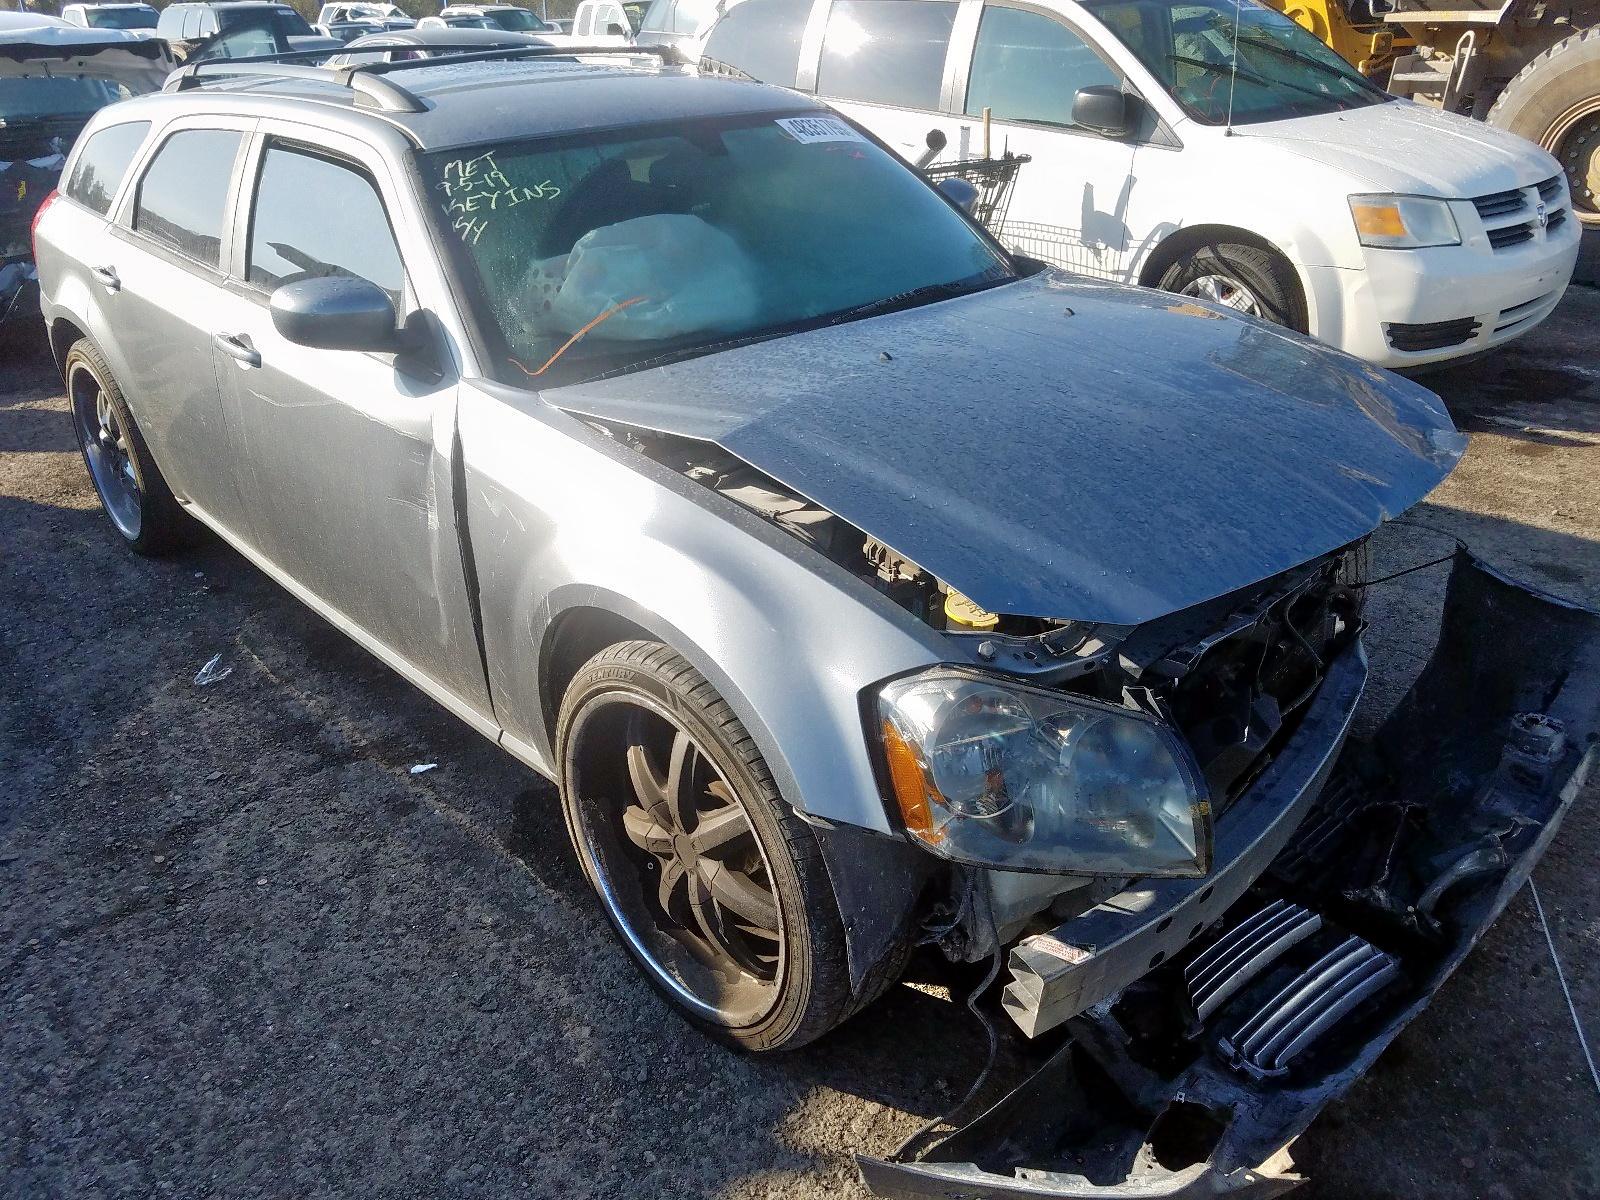 2D4FV47V67H720660 - 2007 Dodge Magnum Sxt 3.5L Left View